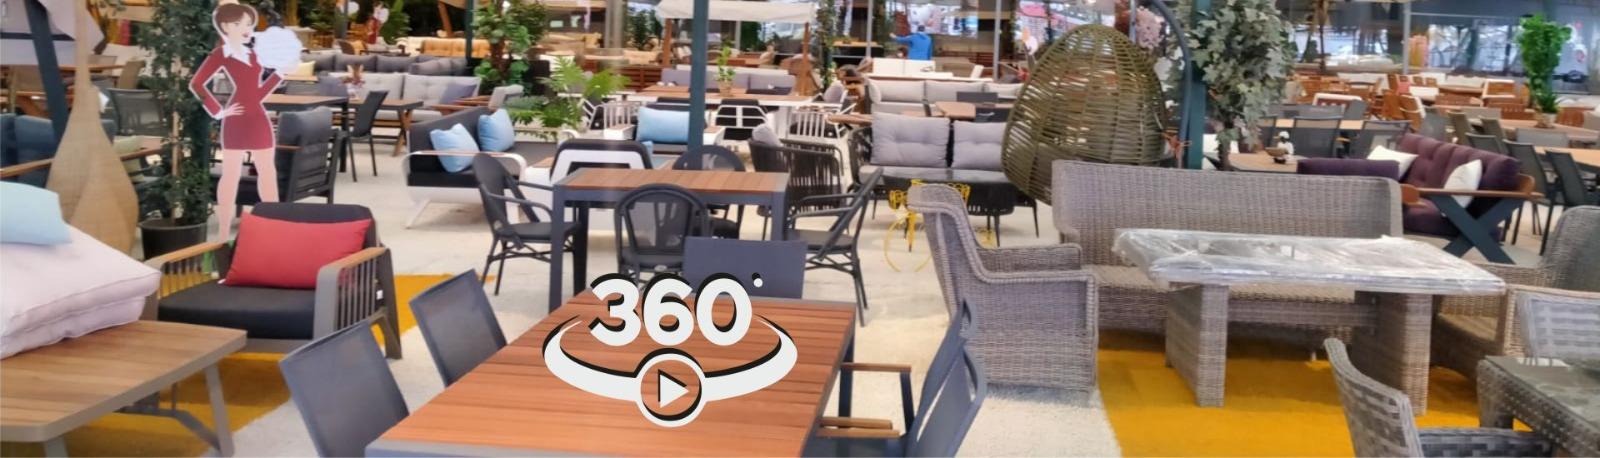 360Tur